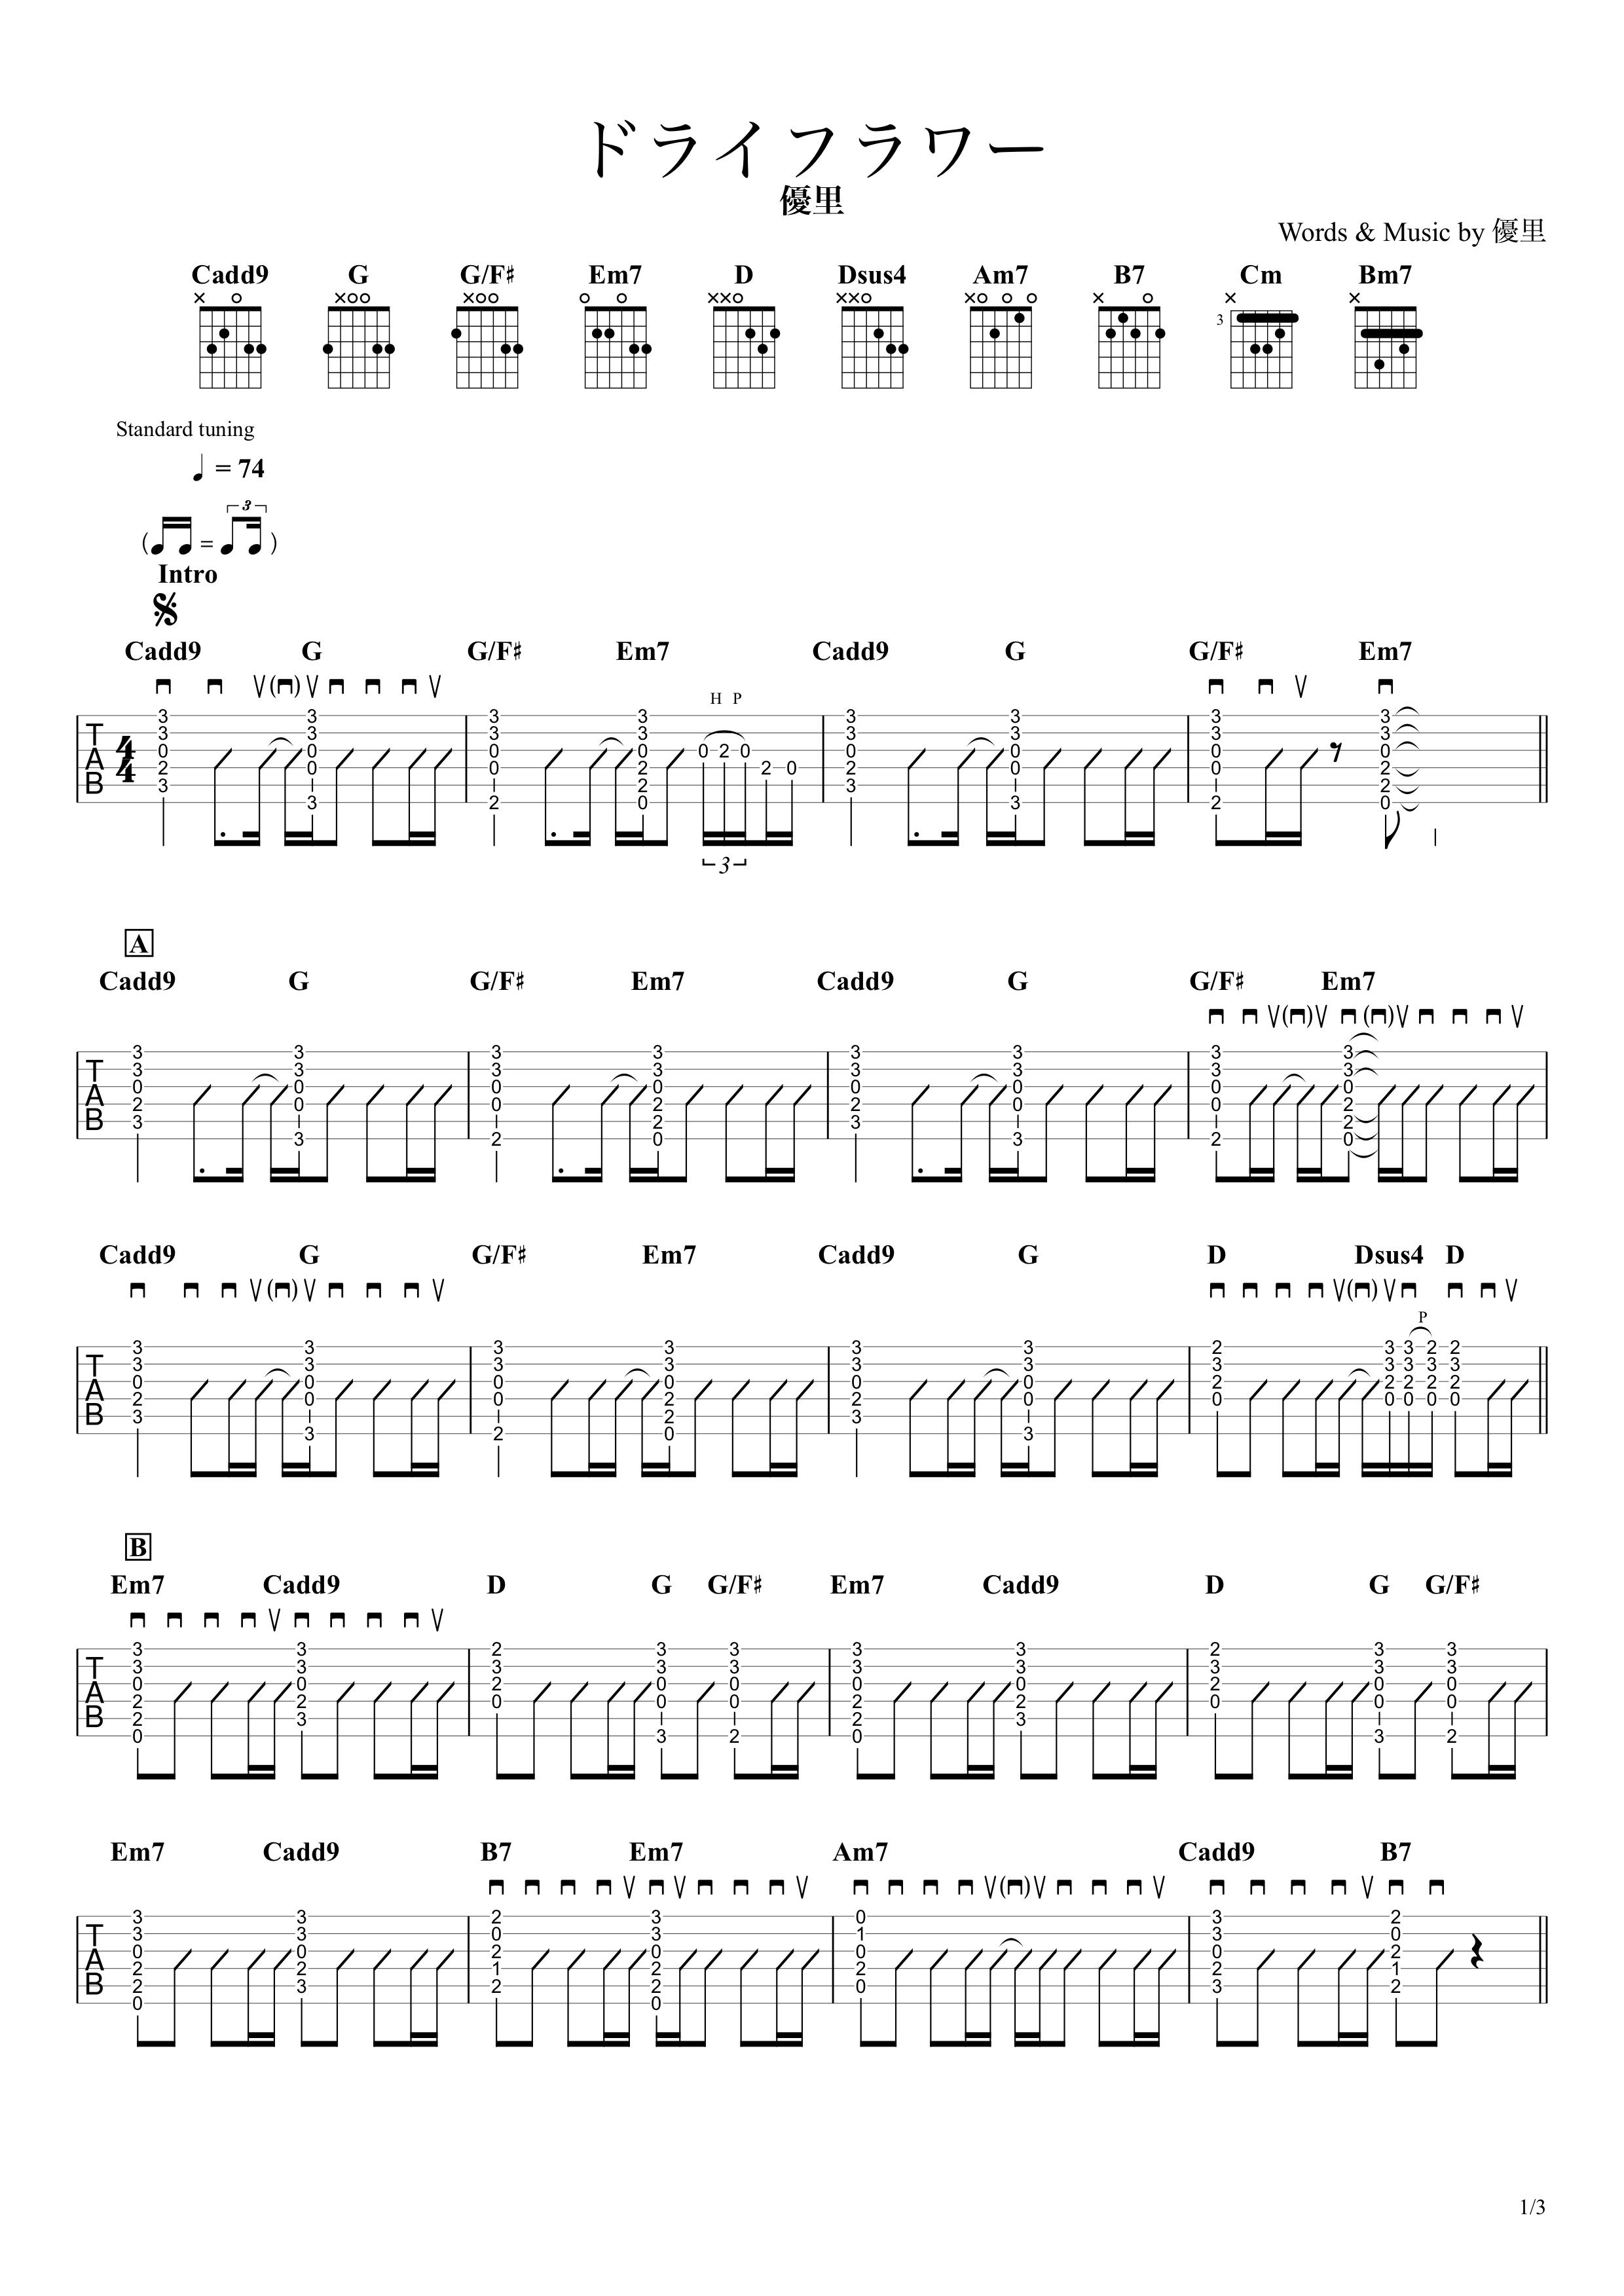 ドライフラワー/優里 ギタータブ譜 コードストロークざっくり完コピVer.01